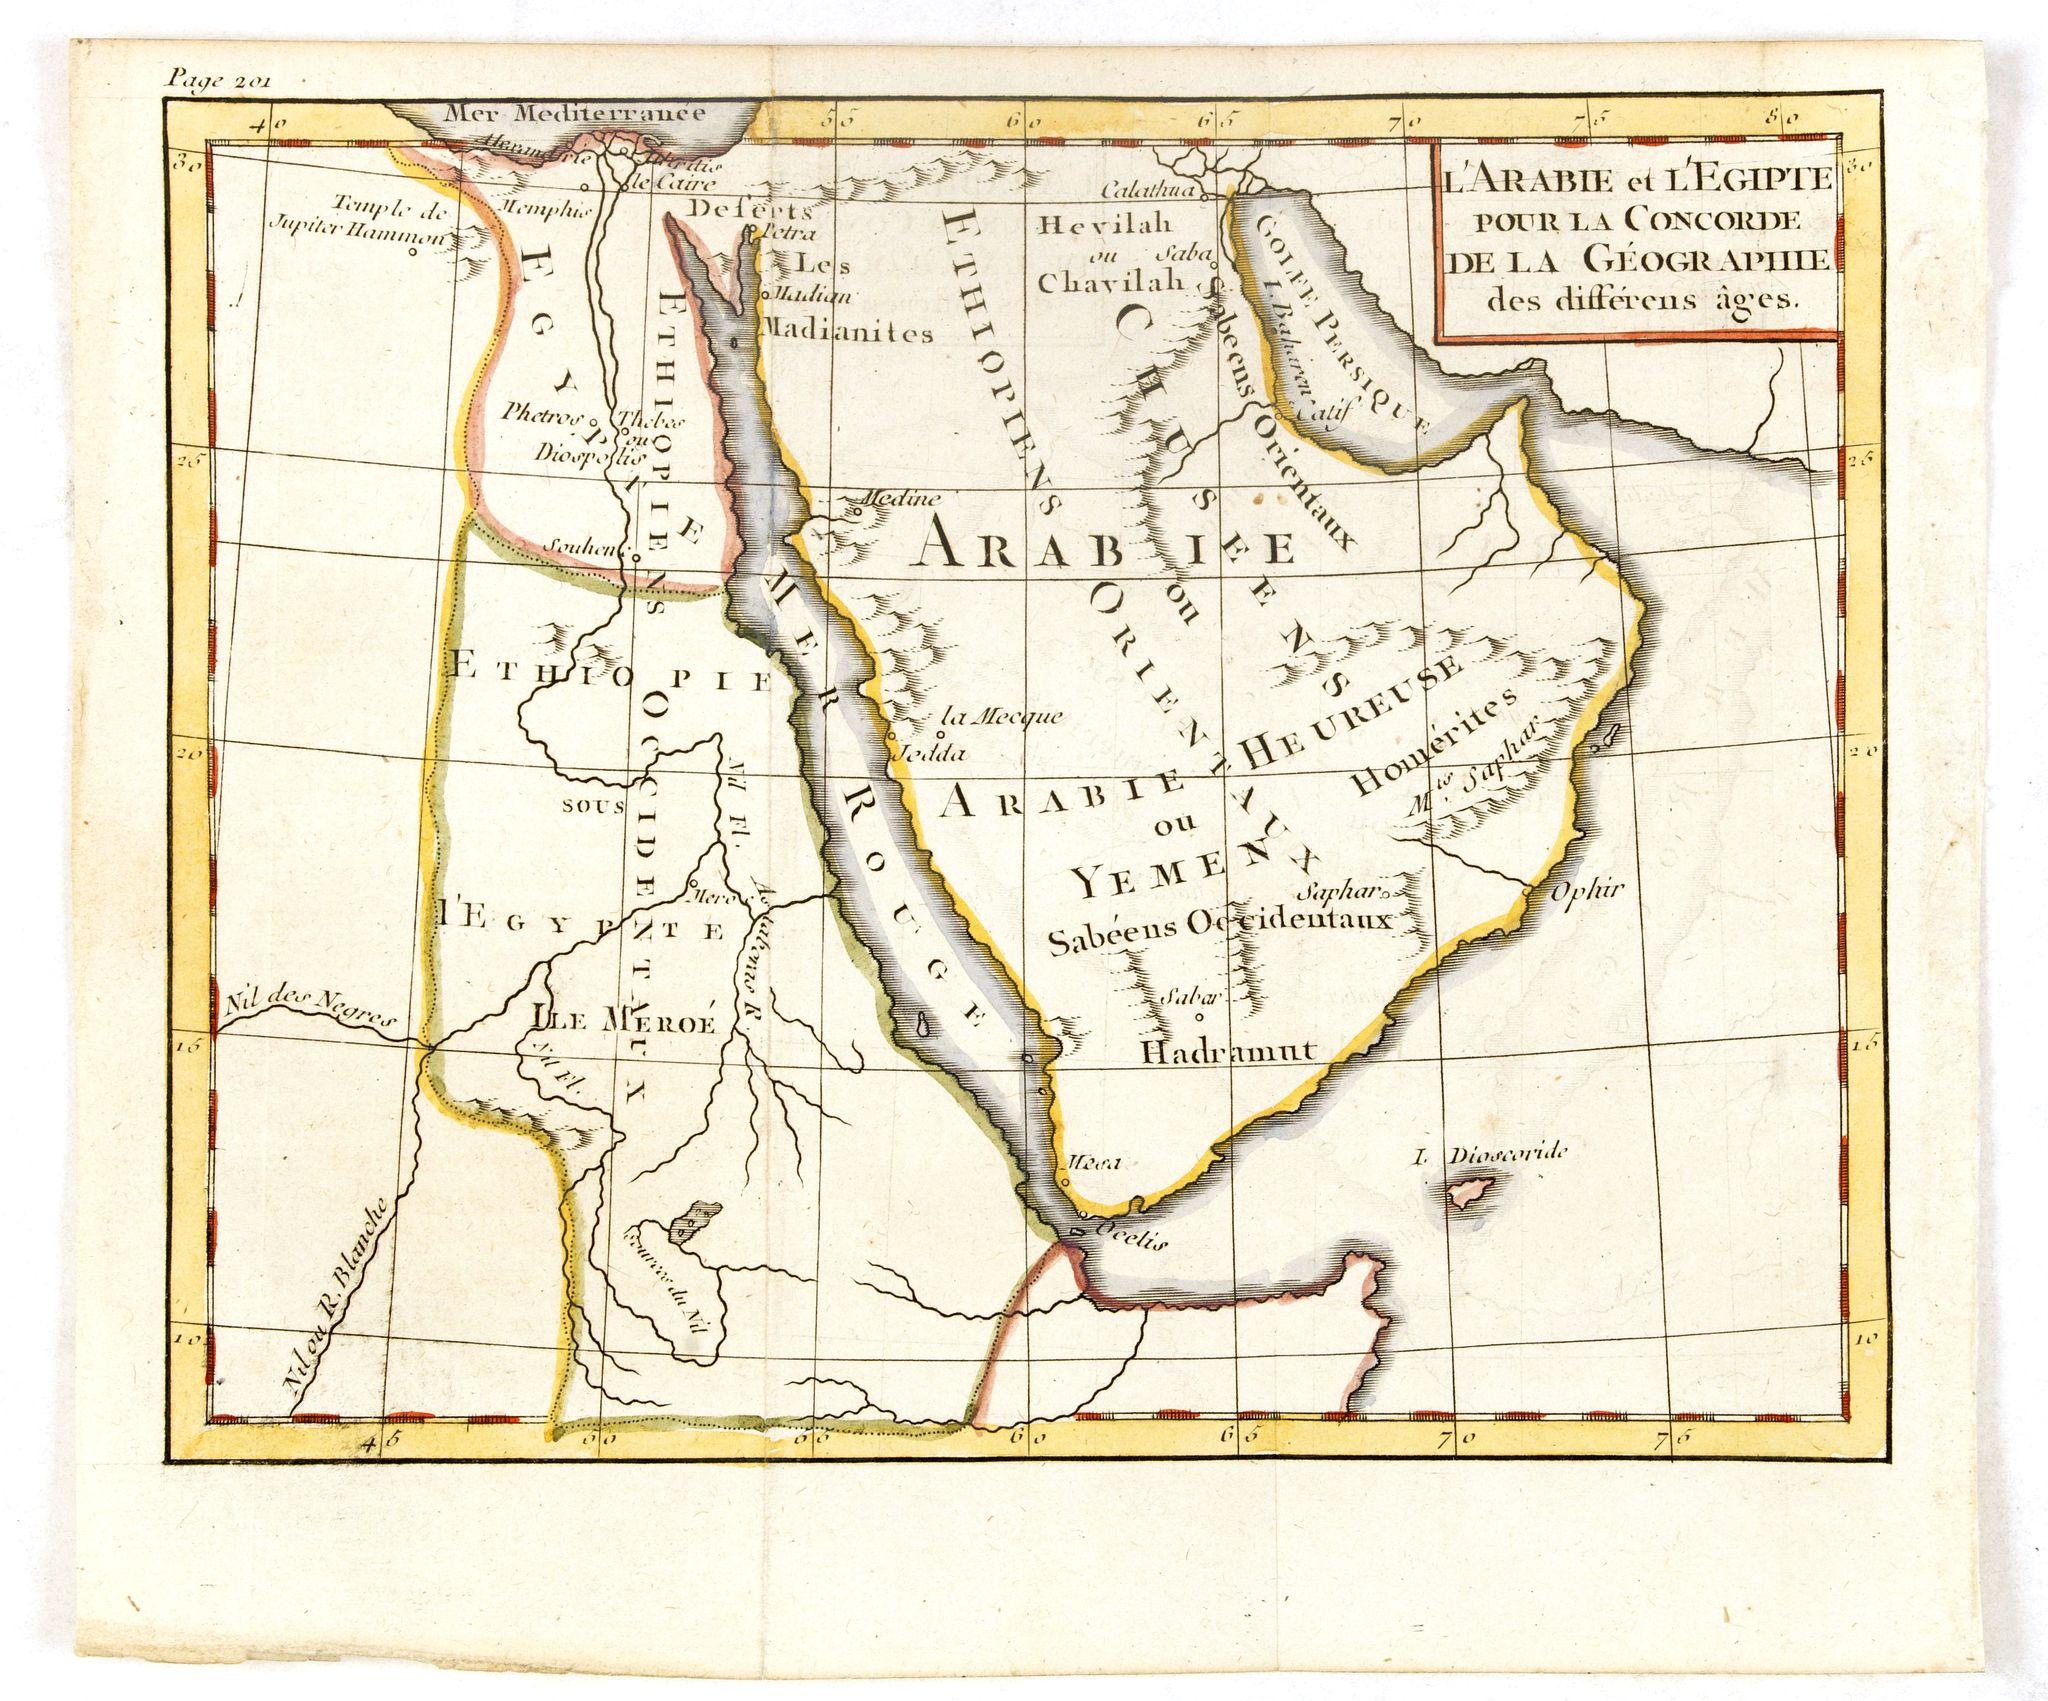 ANONYMOUS -  l'Arabie et l'Egypte pour la Concorde de la Géographie des different Ages.